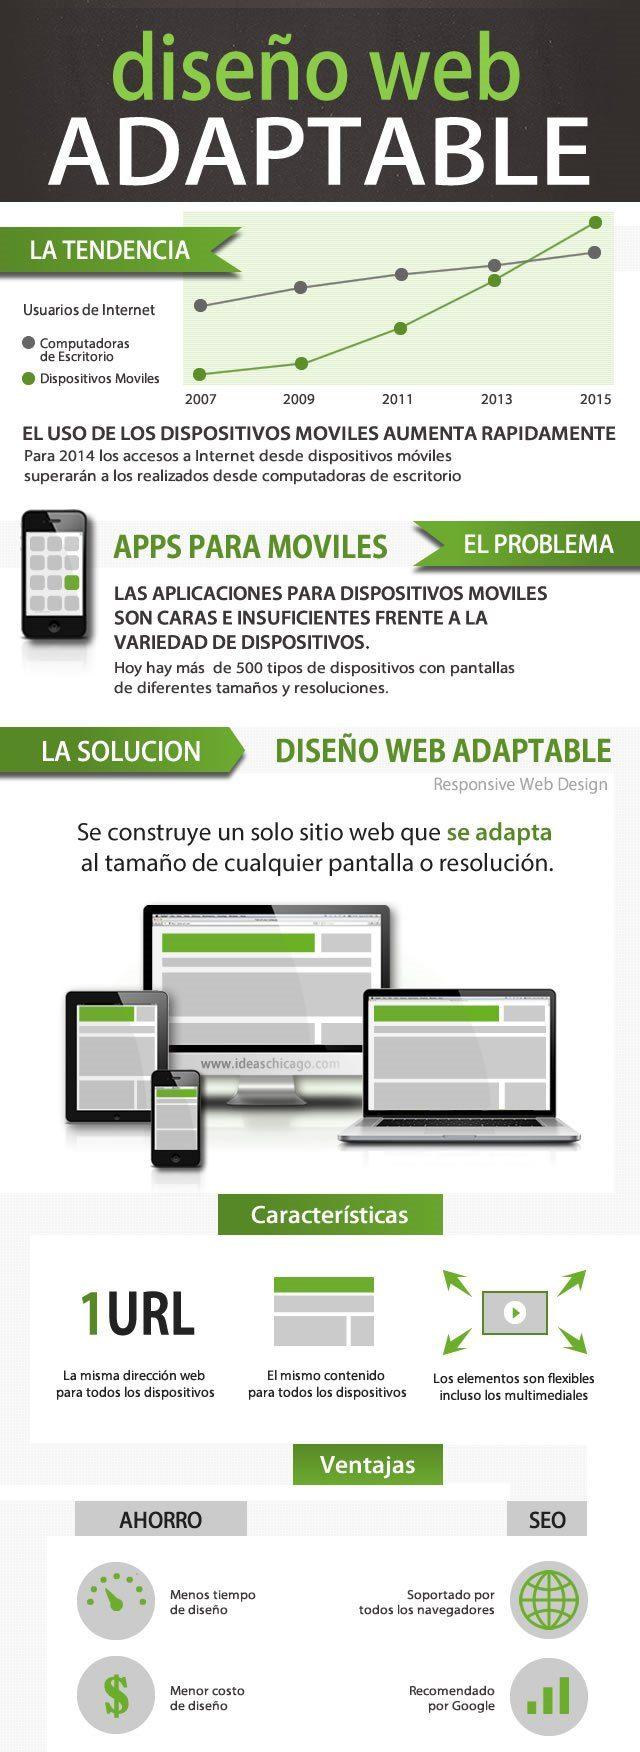 #diseñoweb responsibe o adaptable a diferentes dispositivos